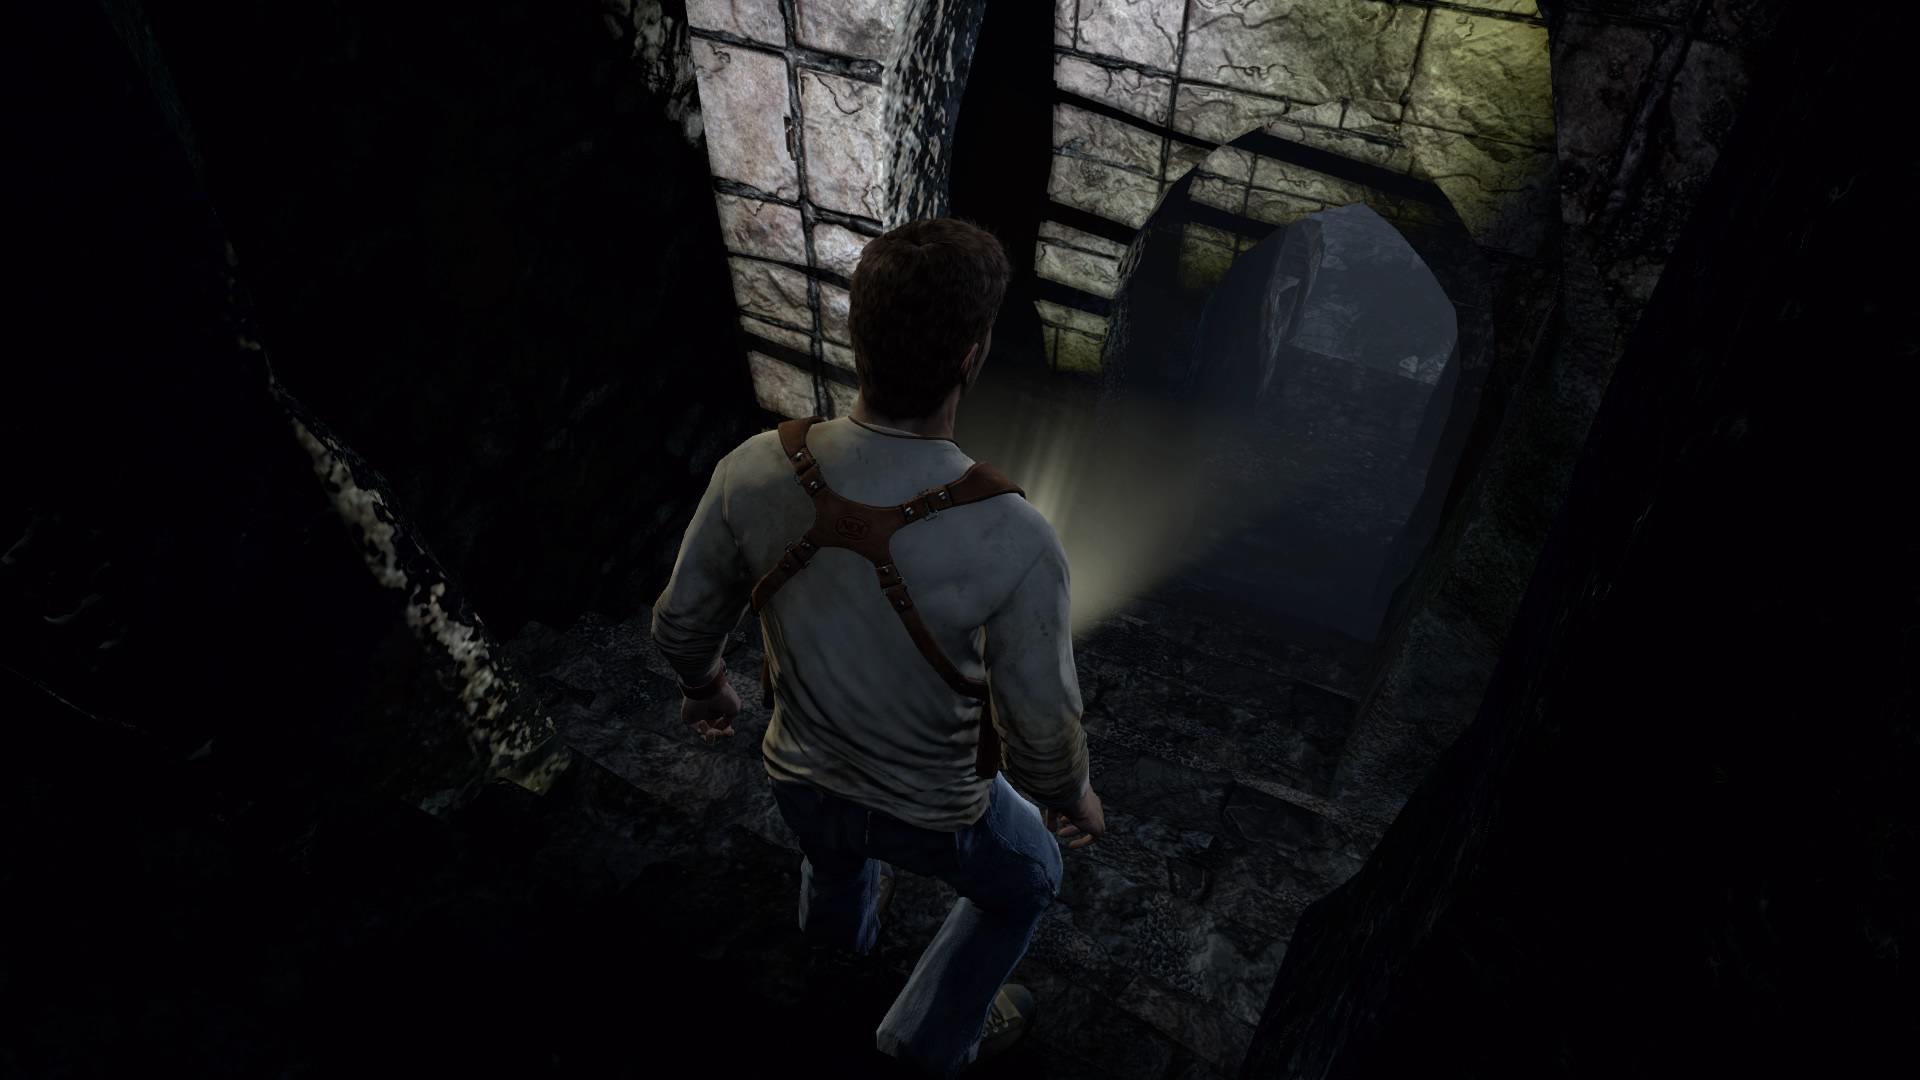 Vergessene Gräber Sind Nun Mal Unterirdisch, Also Ab In Den Untergrund - Spinnenweben Und Schlechte Luft Zum Nulltarif